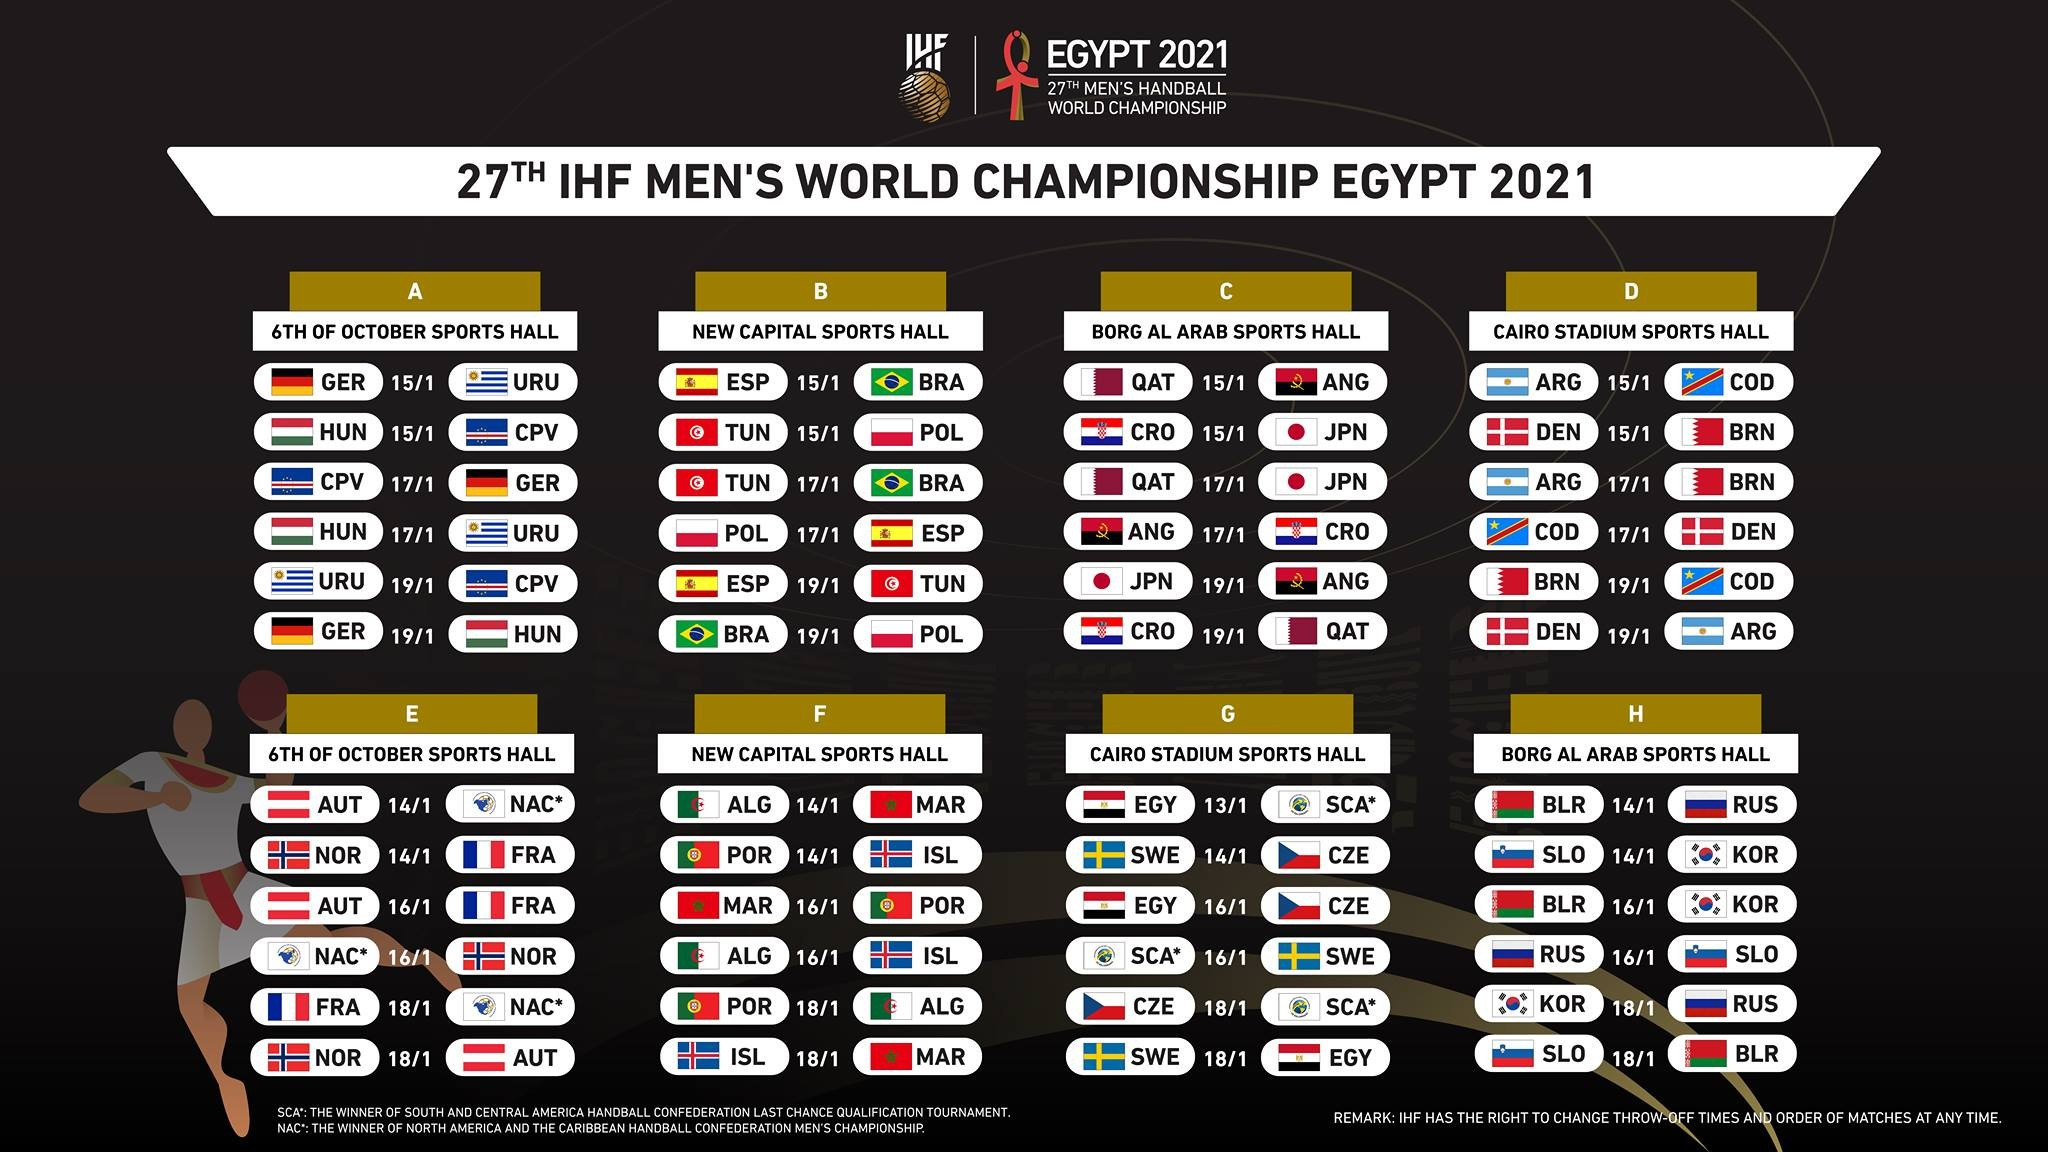 جدول بطولة كأس العالم لكرة اليد 2021 - وكالة سند للأنباء